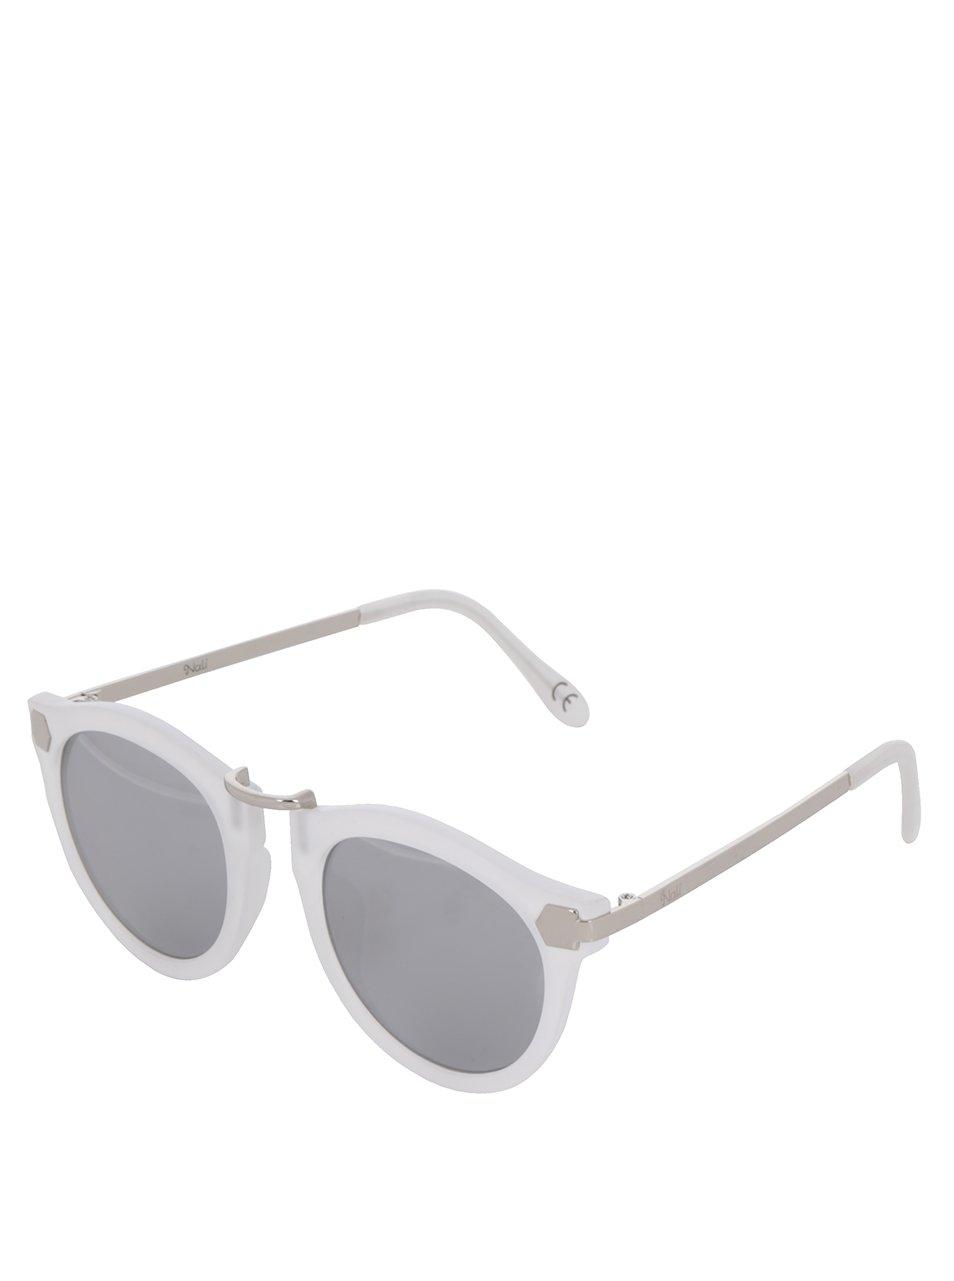 Bílé dámské sluneční brýle s detaily ve stříbrné barvě Nalí